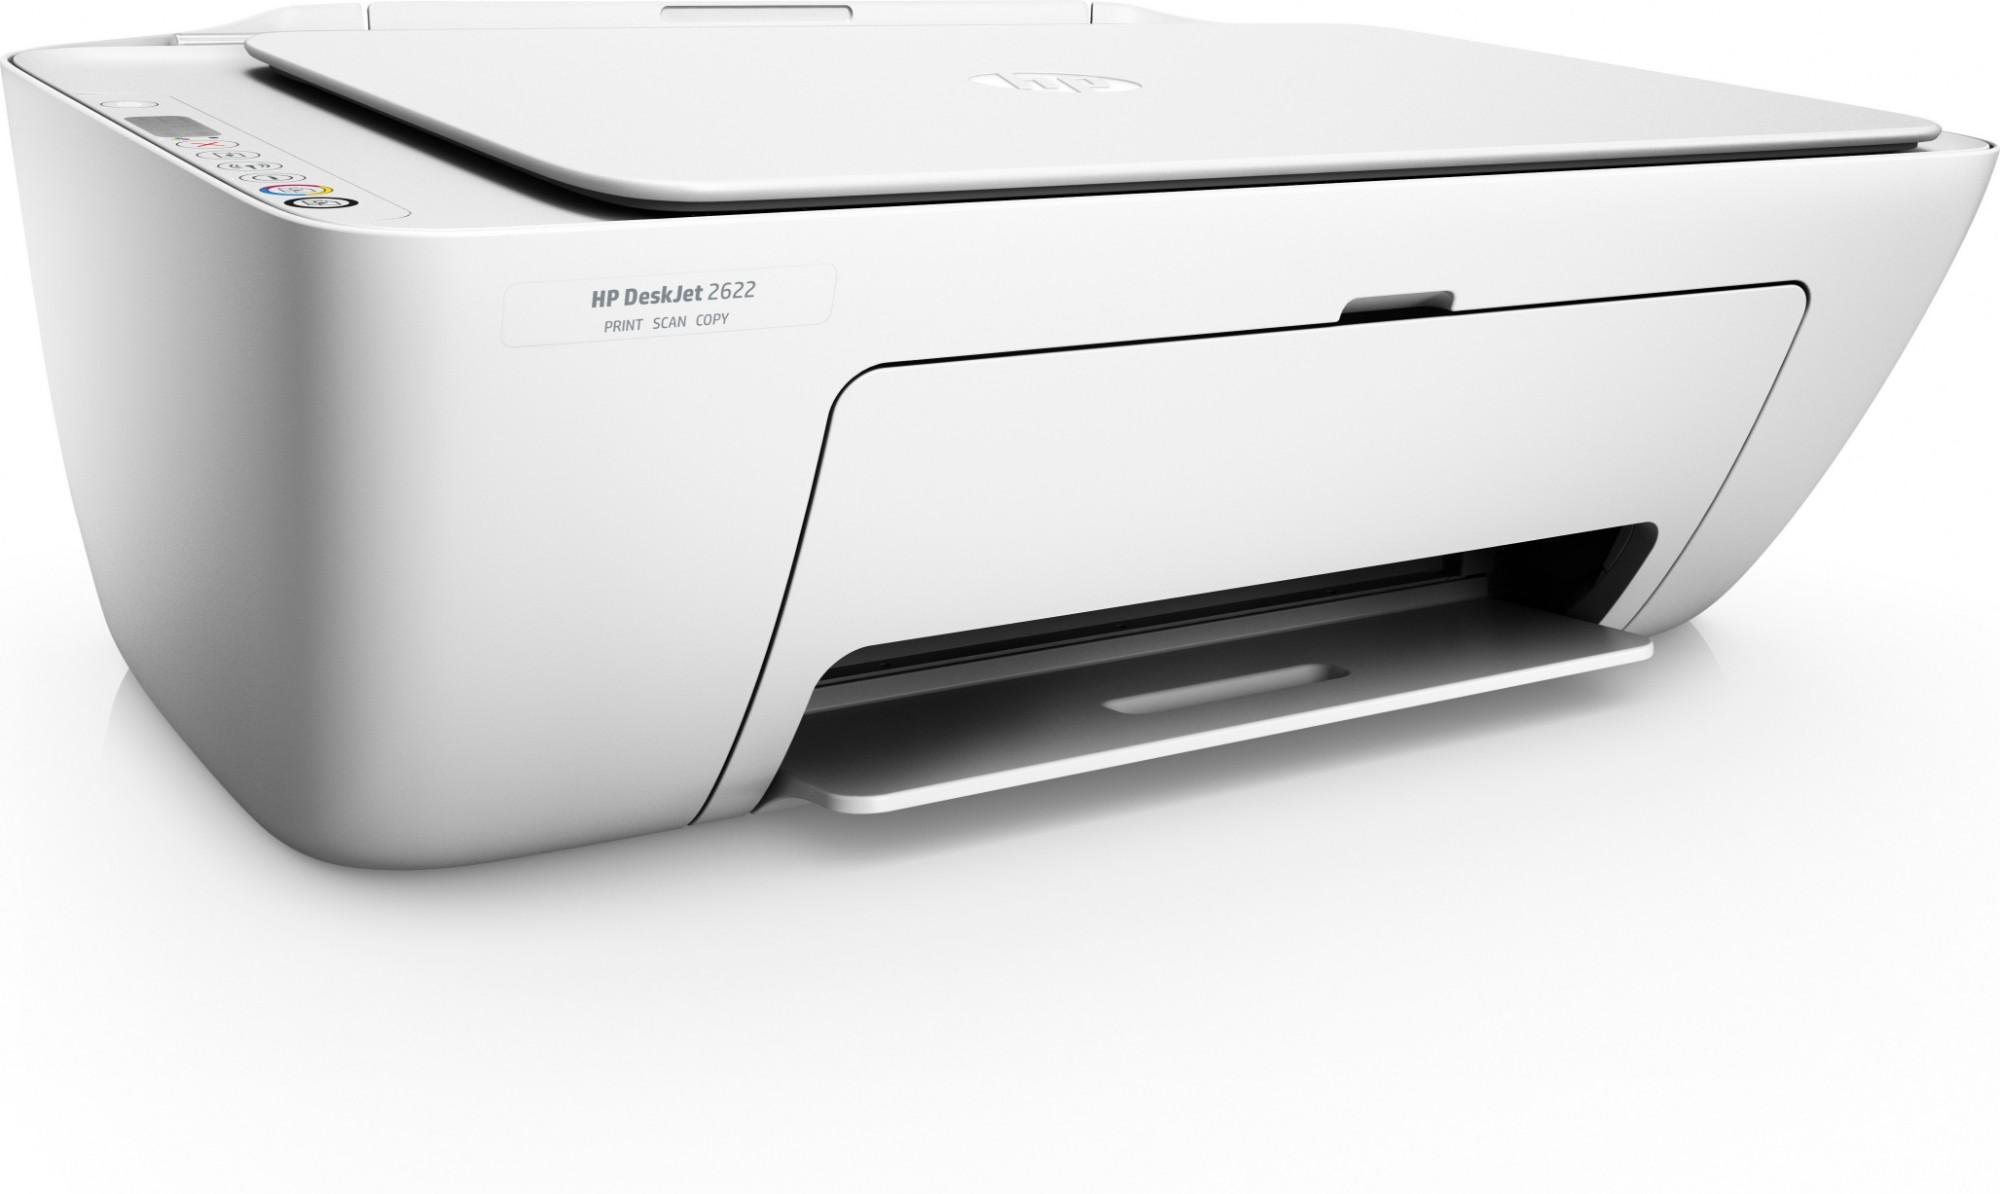 HP DeskJet 2622 Thermal Inkjet 7 5 ppm 4800 x 1200 DPI A4 Wi-Fi